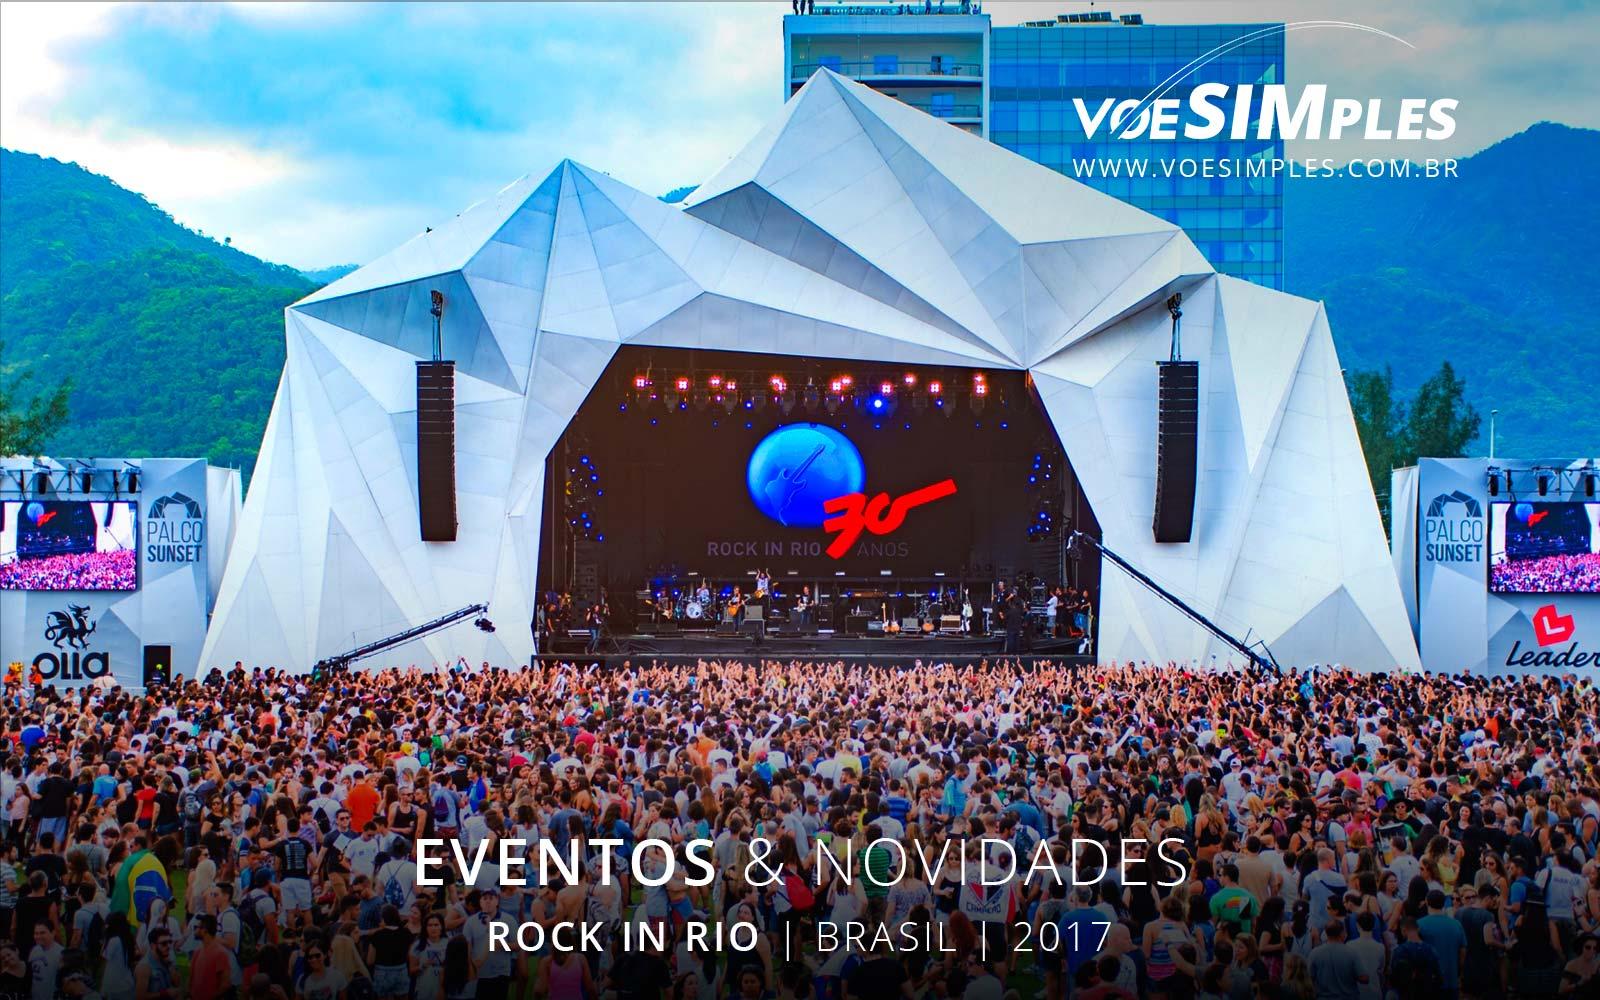 fotos-festival-rock-rio-brasil-2017-voesimples-passagem-aerea-promocional-rock-rio-promocao-passagens-aereas-rock-rio-2017-03